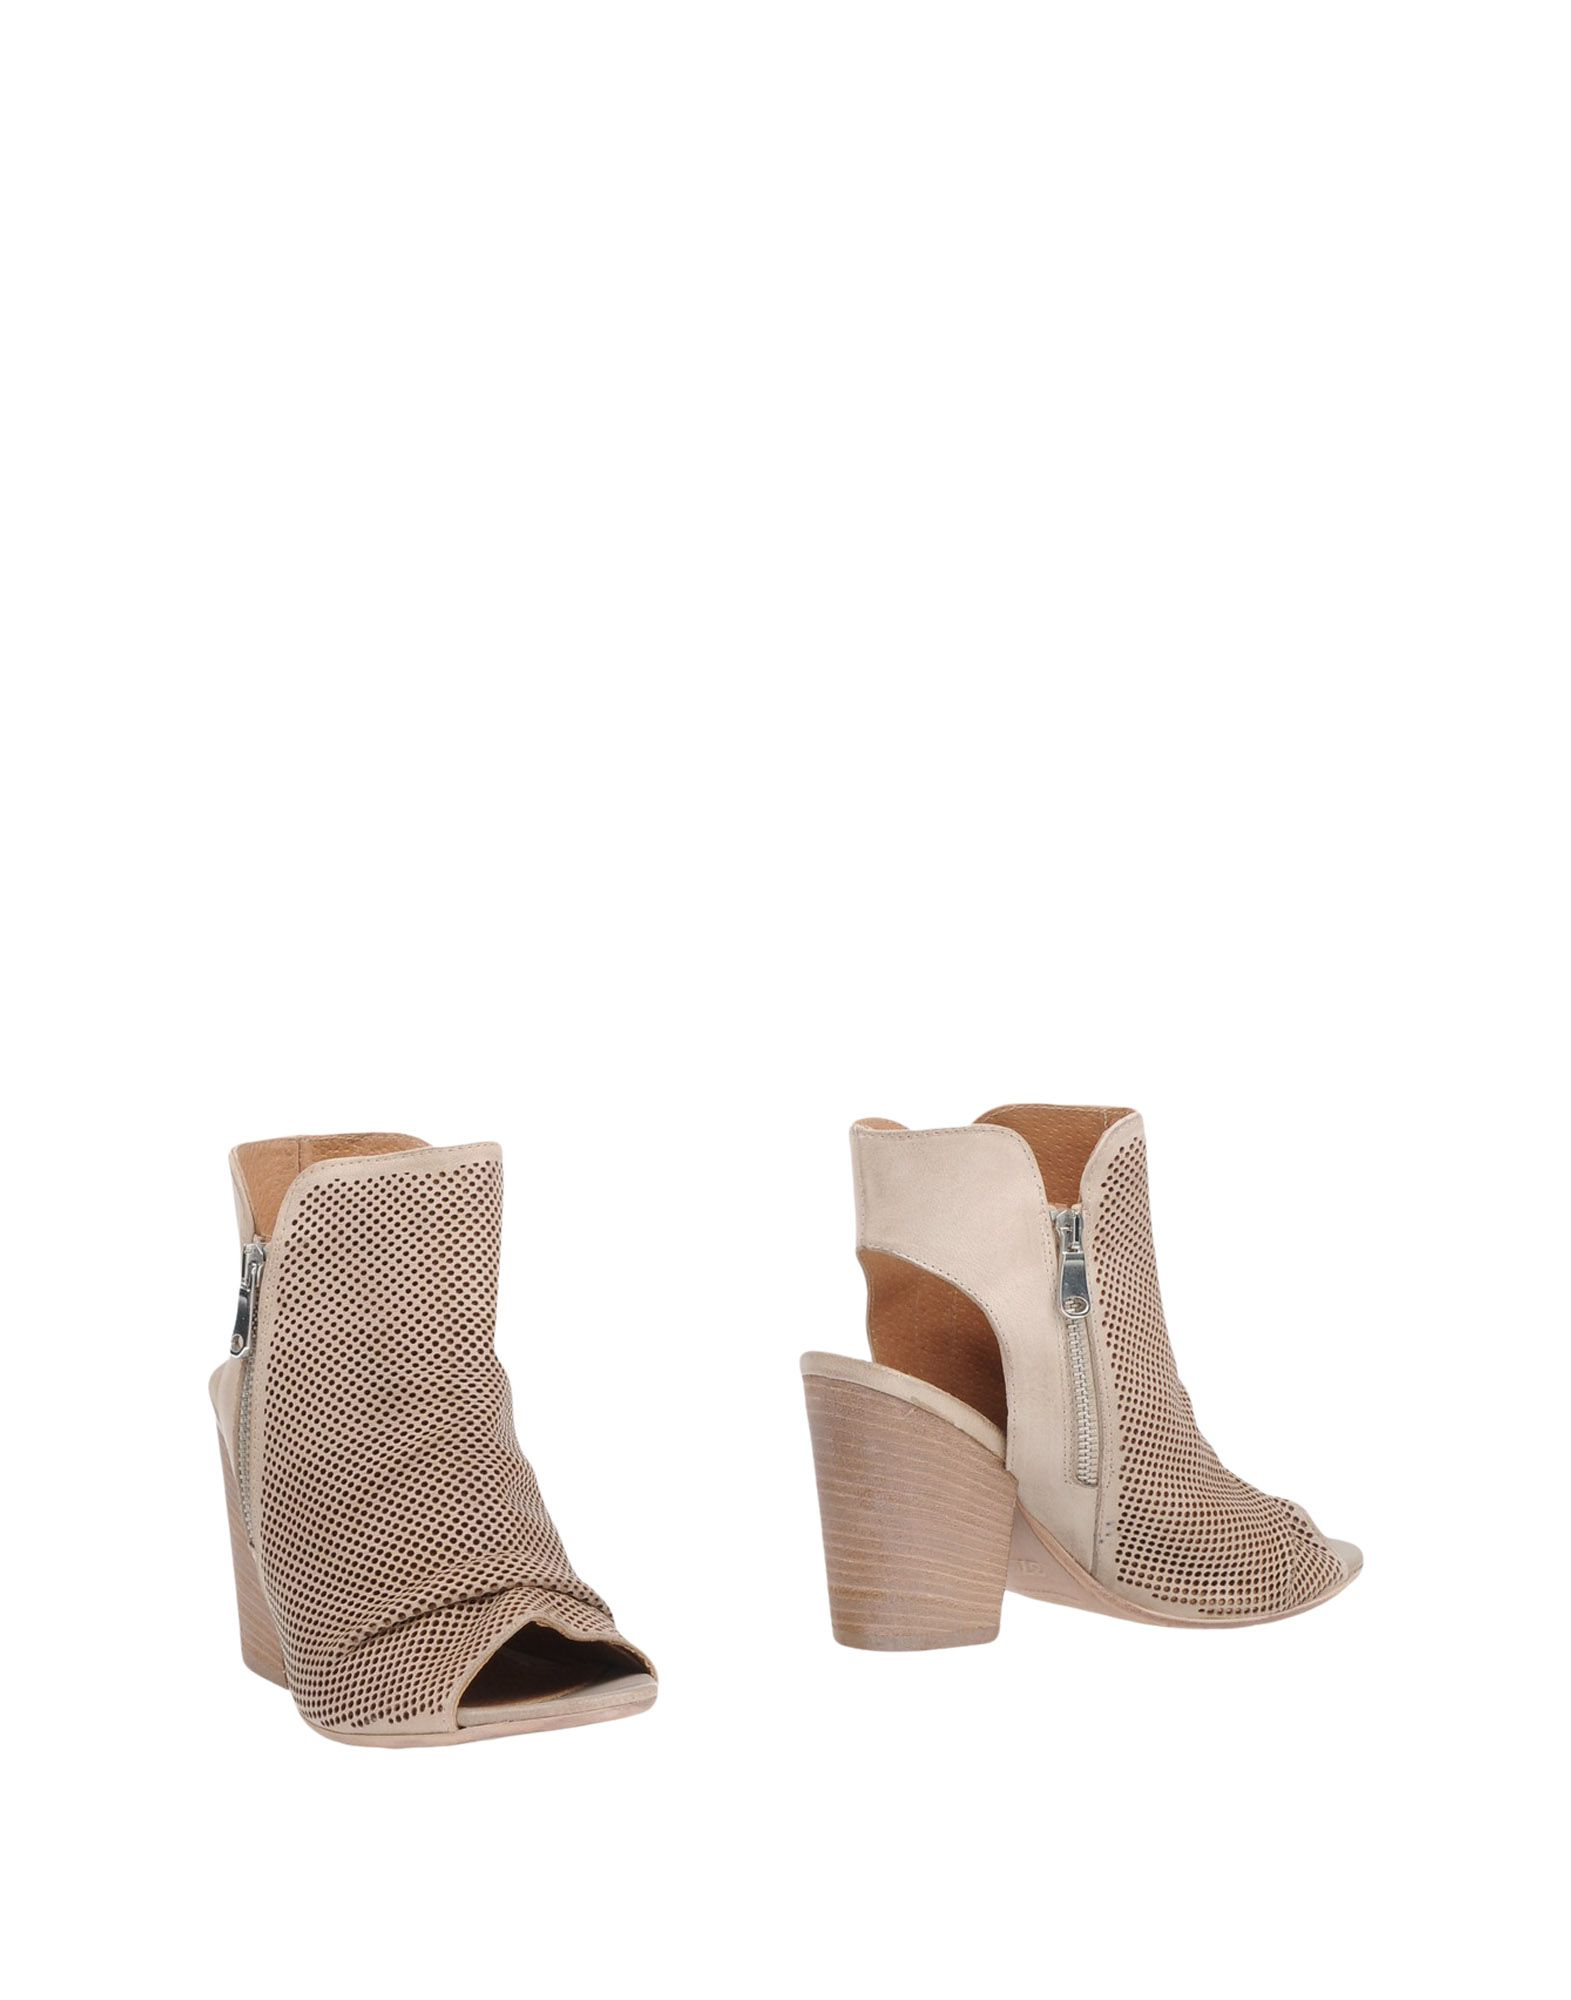 Divine Follie Stiefelette Damen  11332520UE Gute Qualität beliebte Schuhe